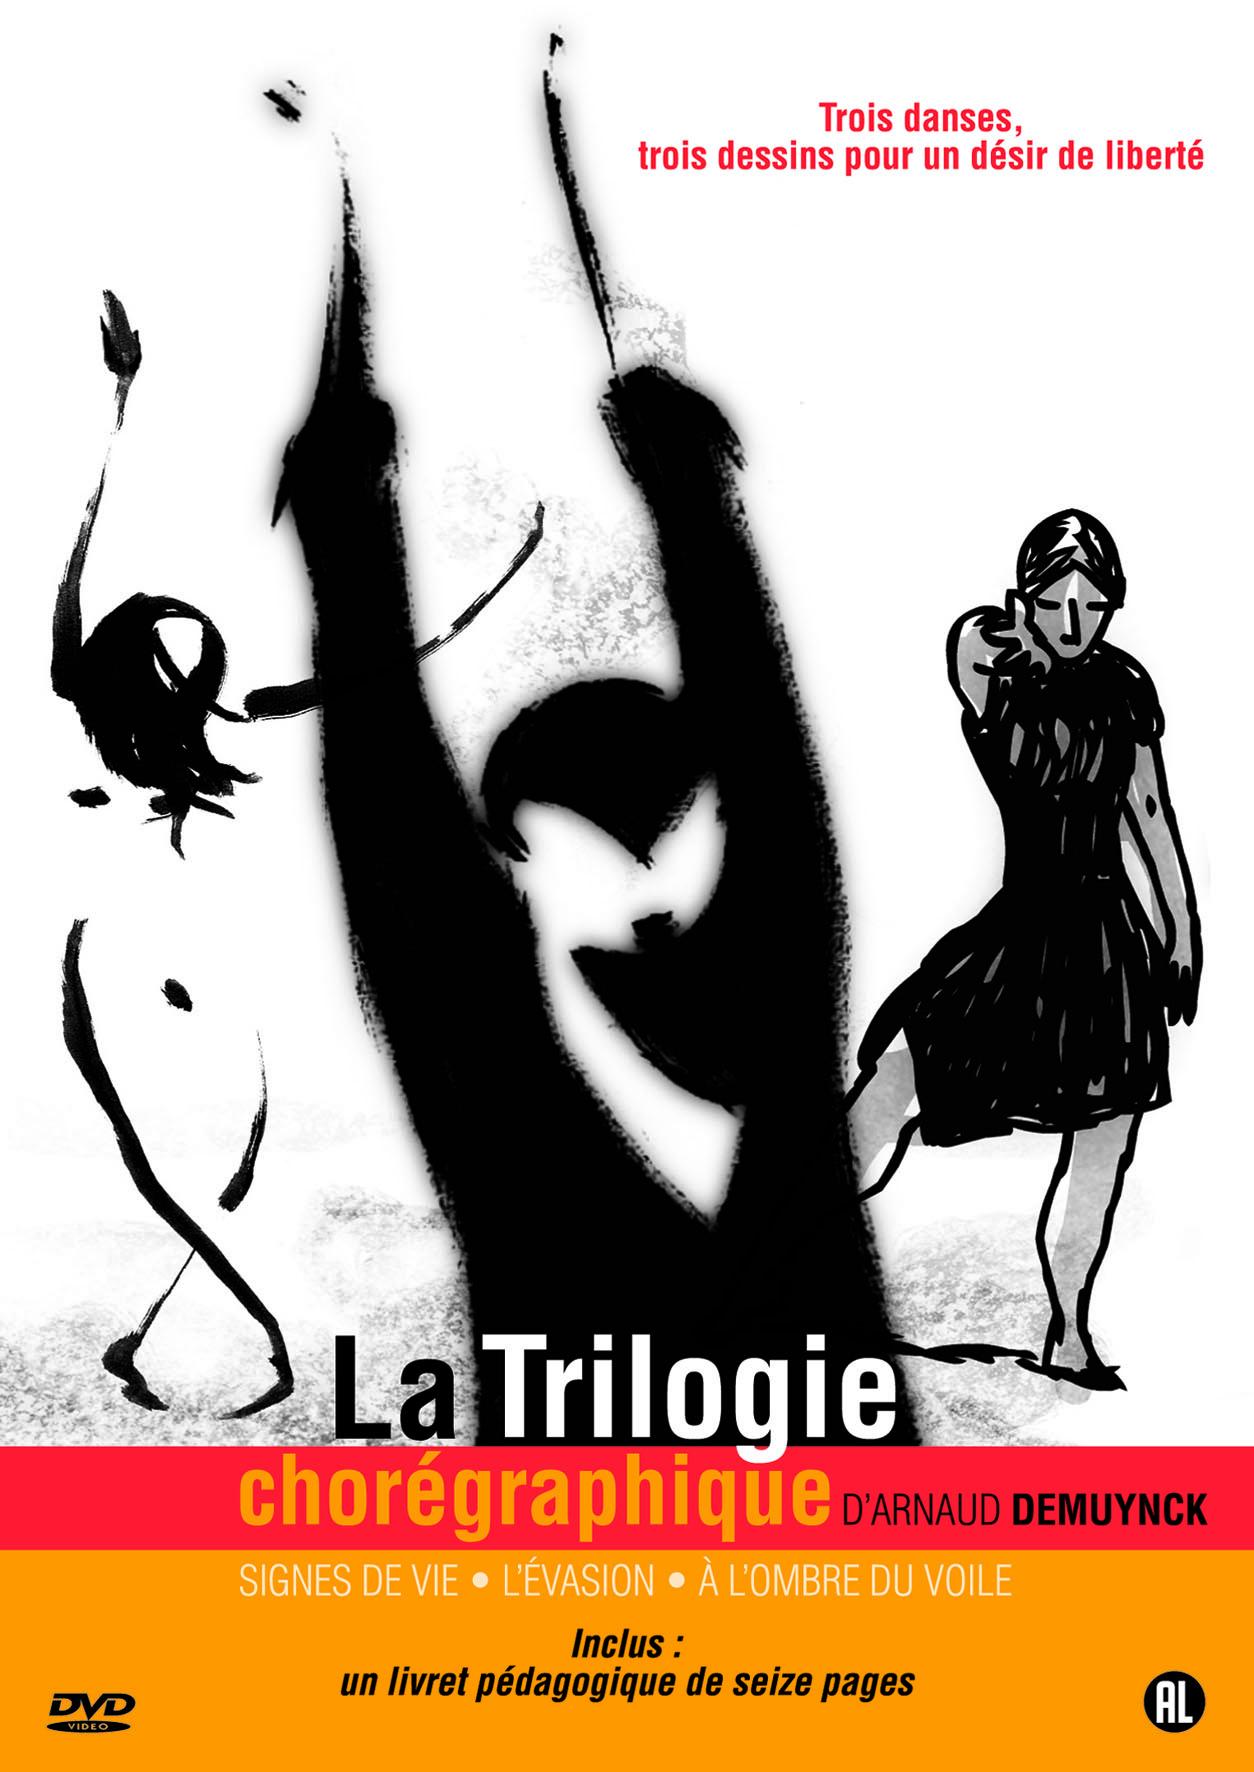 DVD La Trilogie chorégraphique